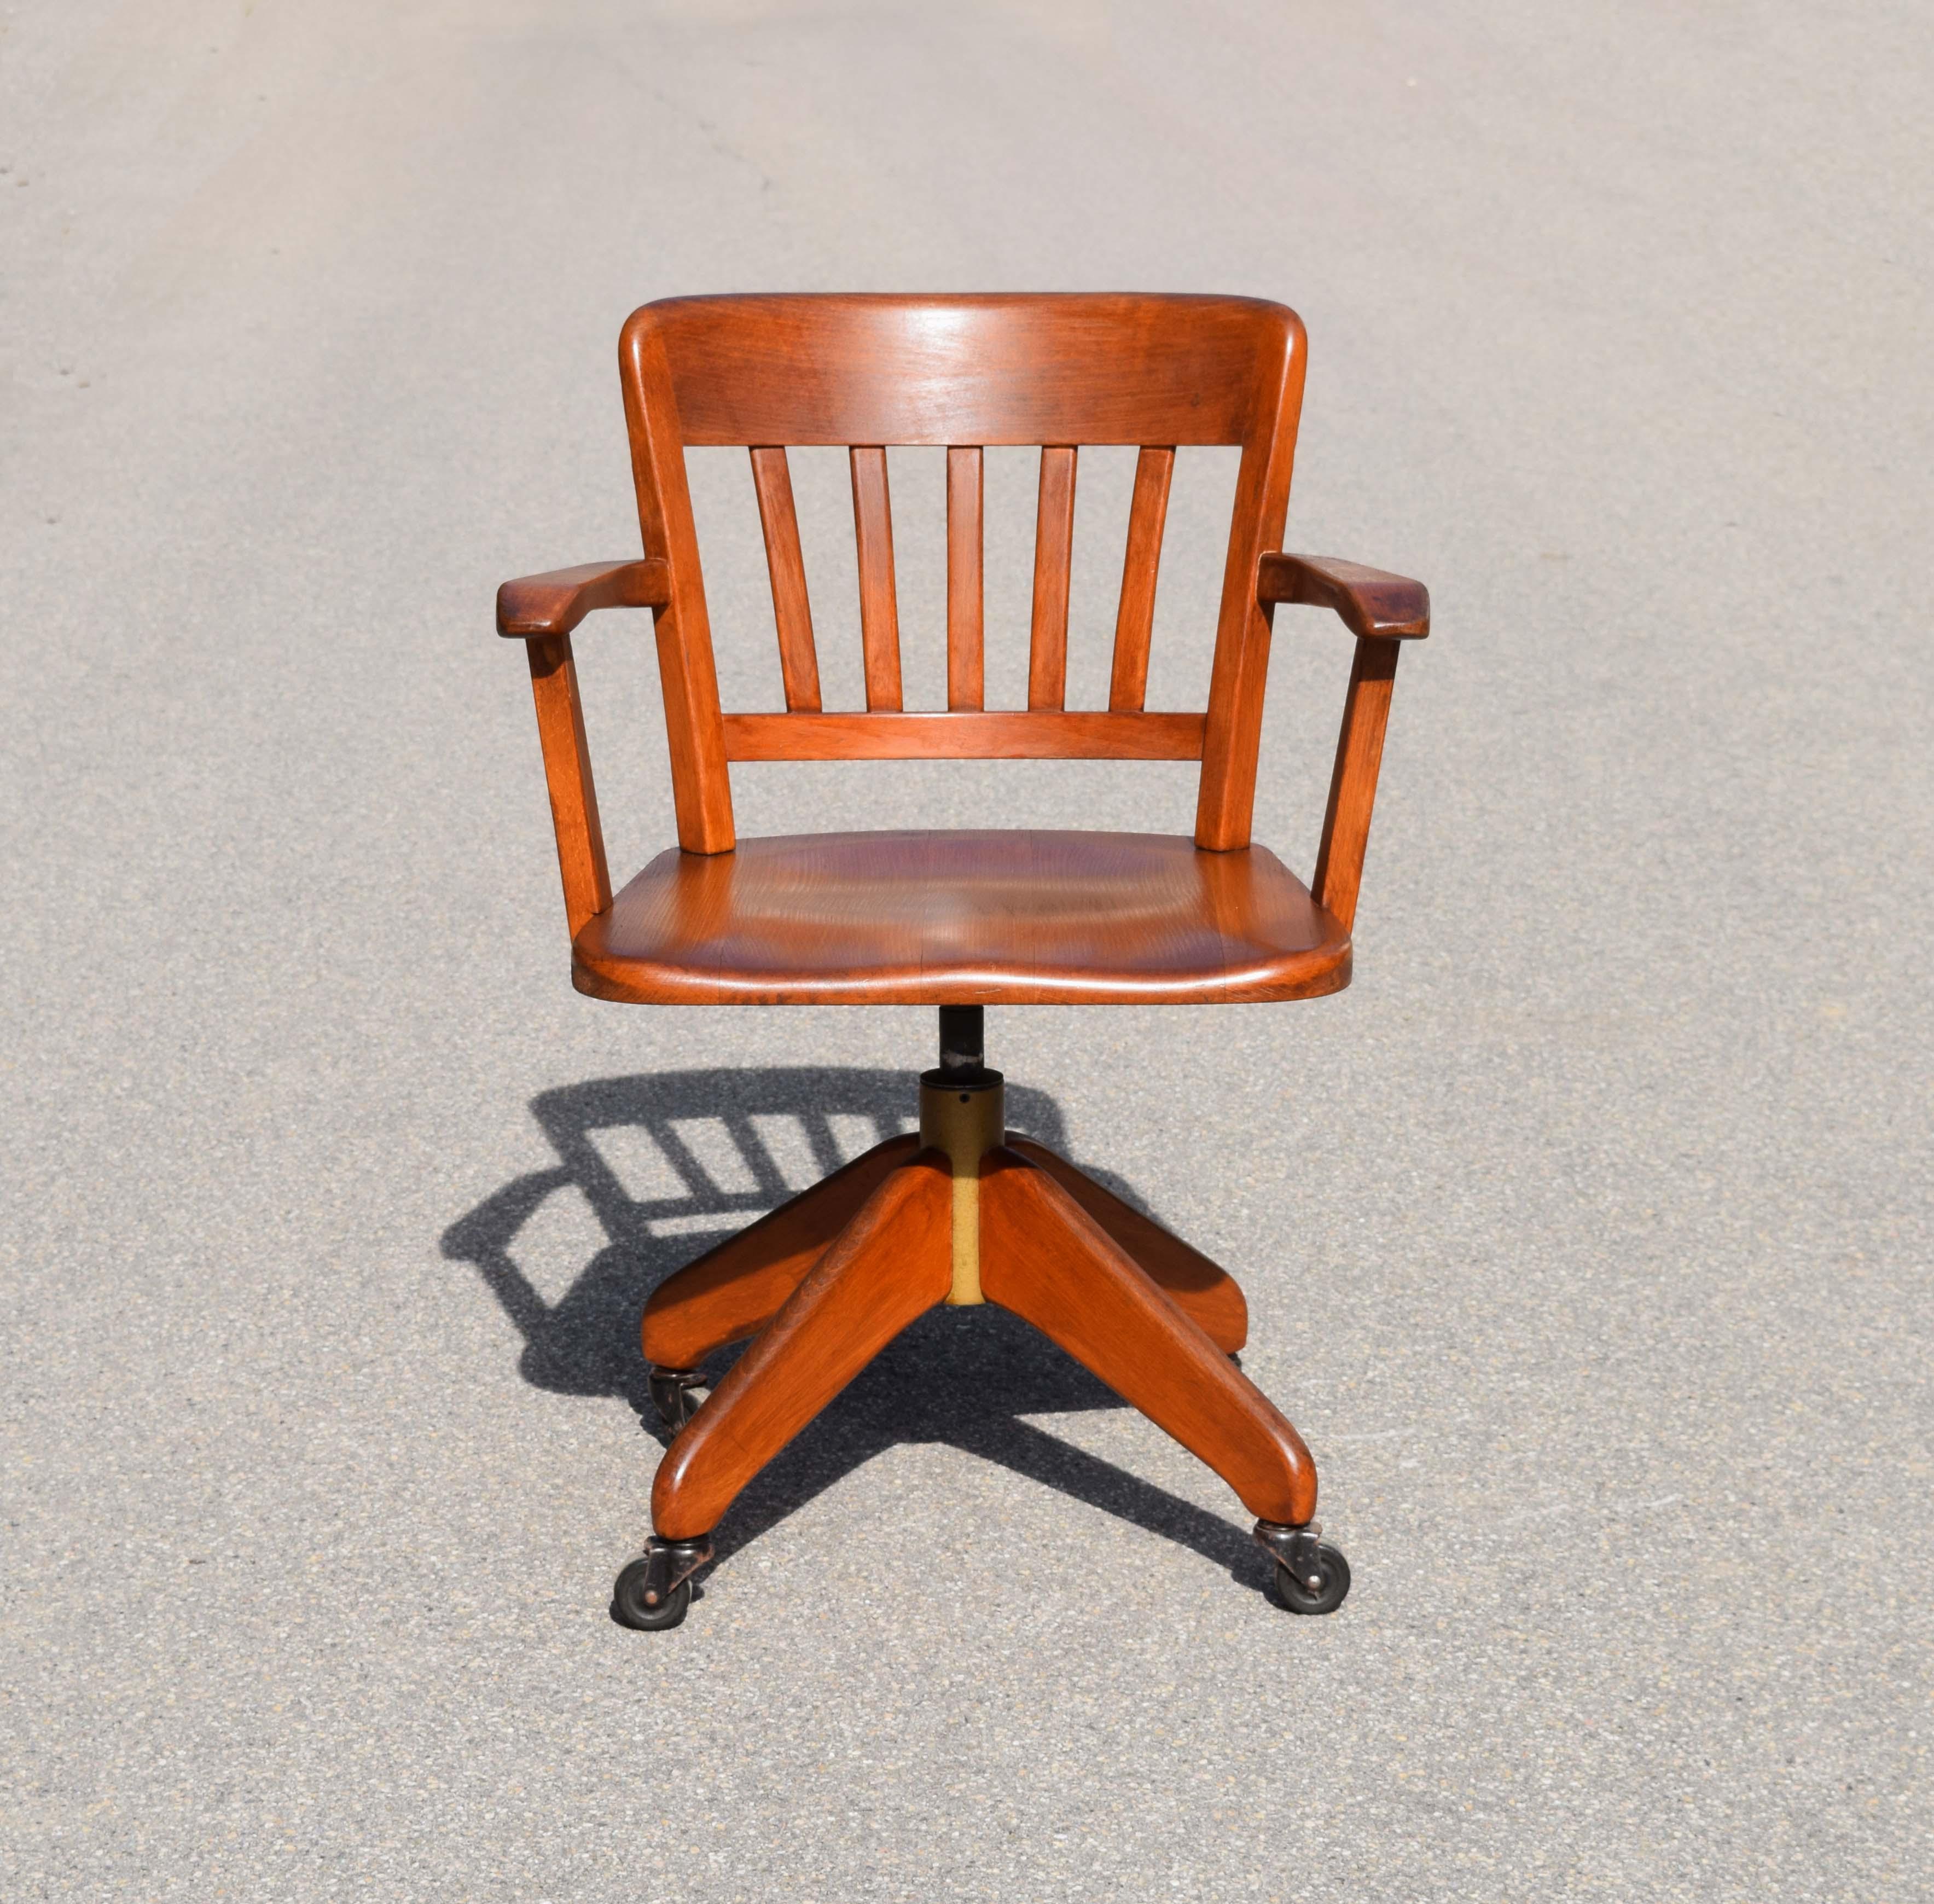 mobilier industriel ancien htm. Black Bedroom Furniture Sets. Home Design Ideas